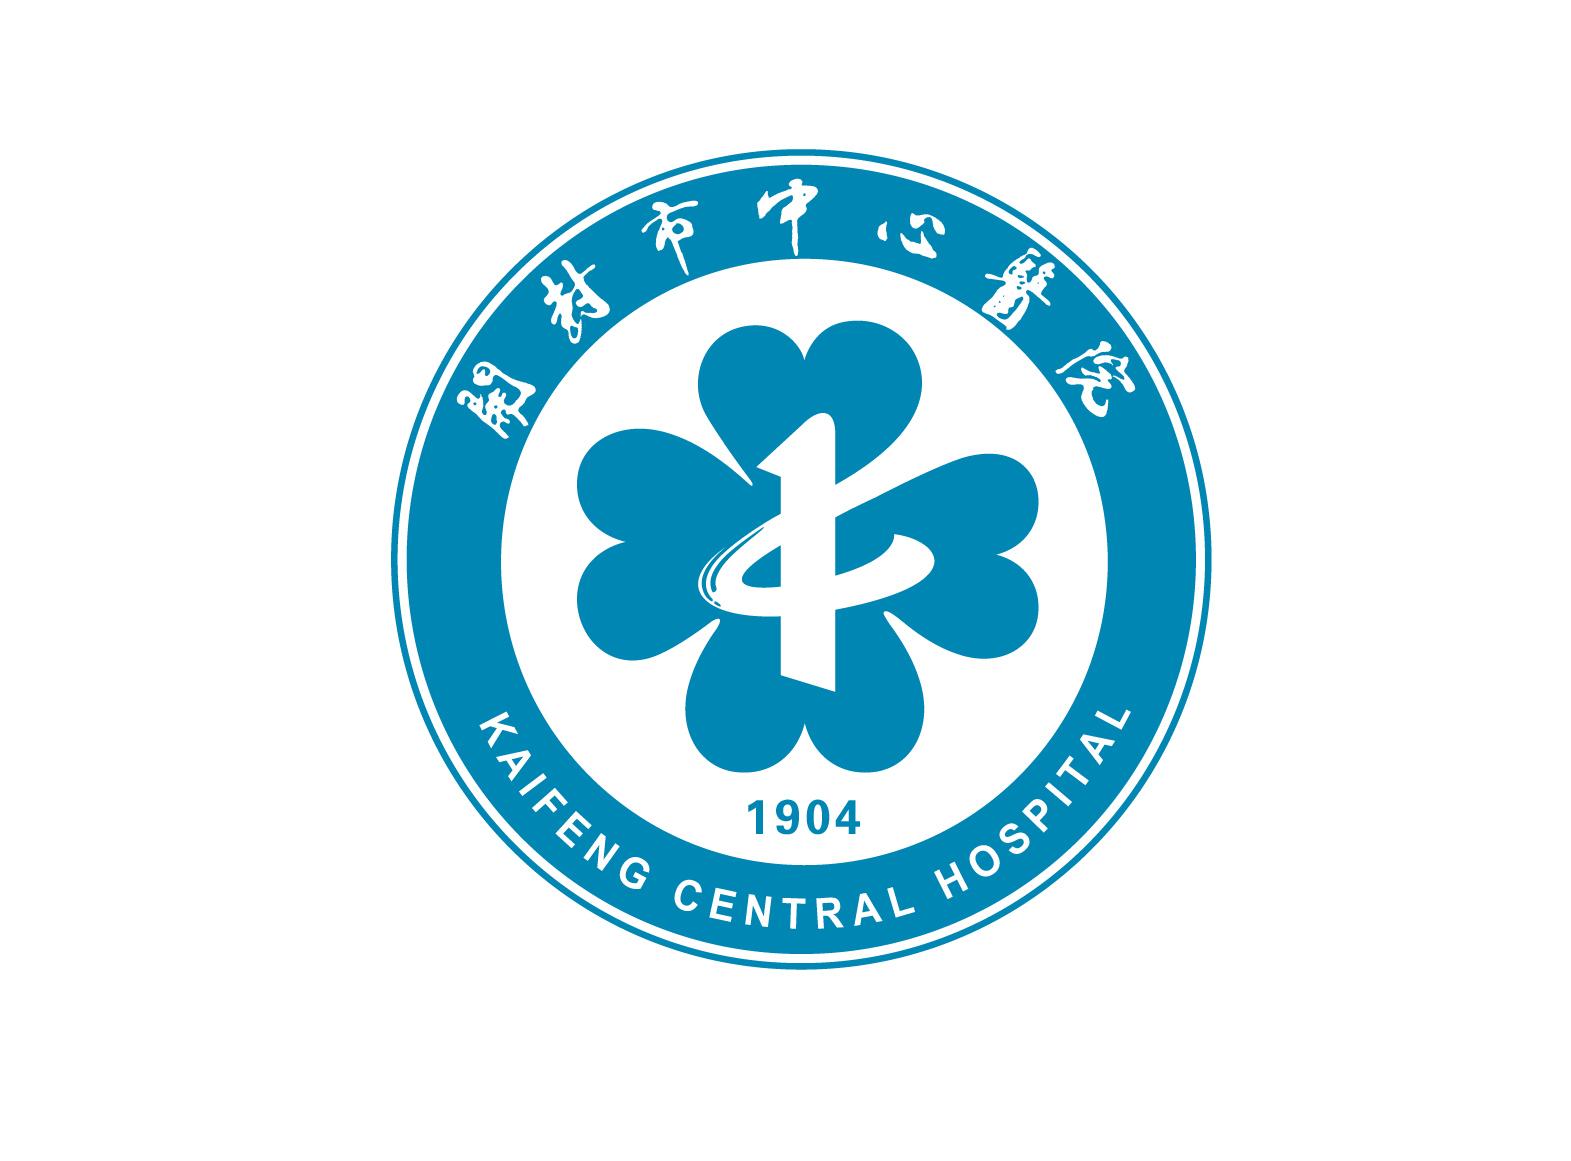 开封市中心医院(开封市第一人民医院)